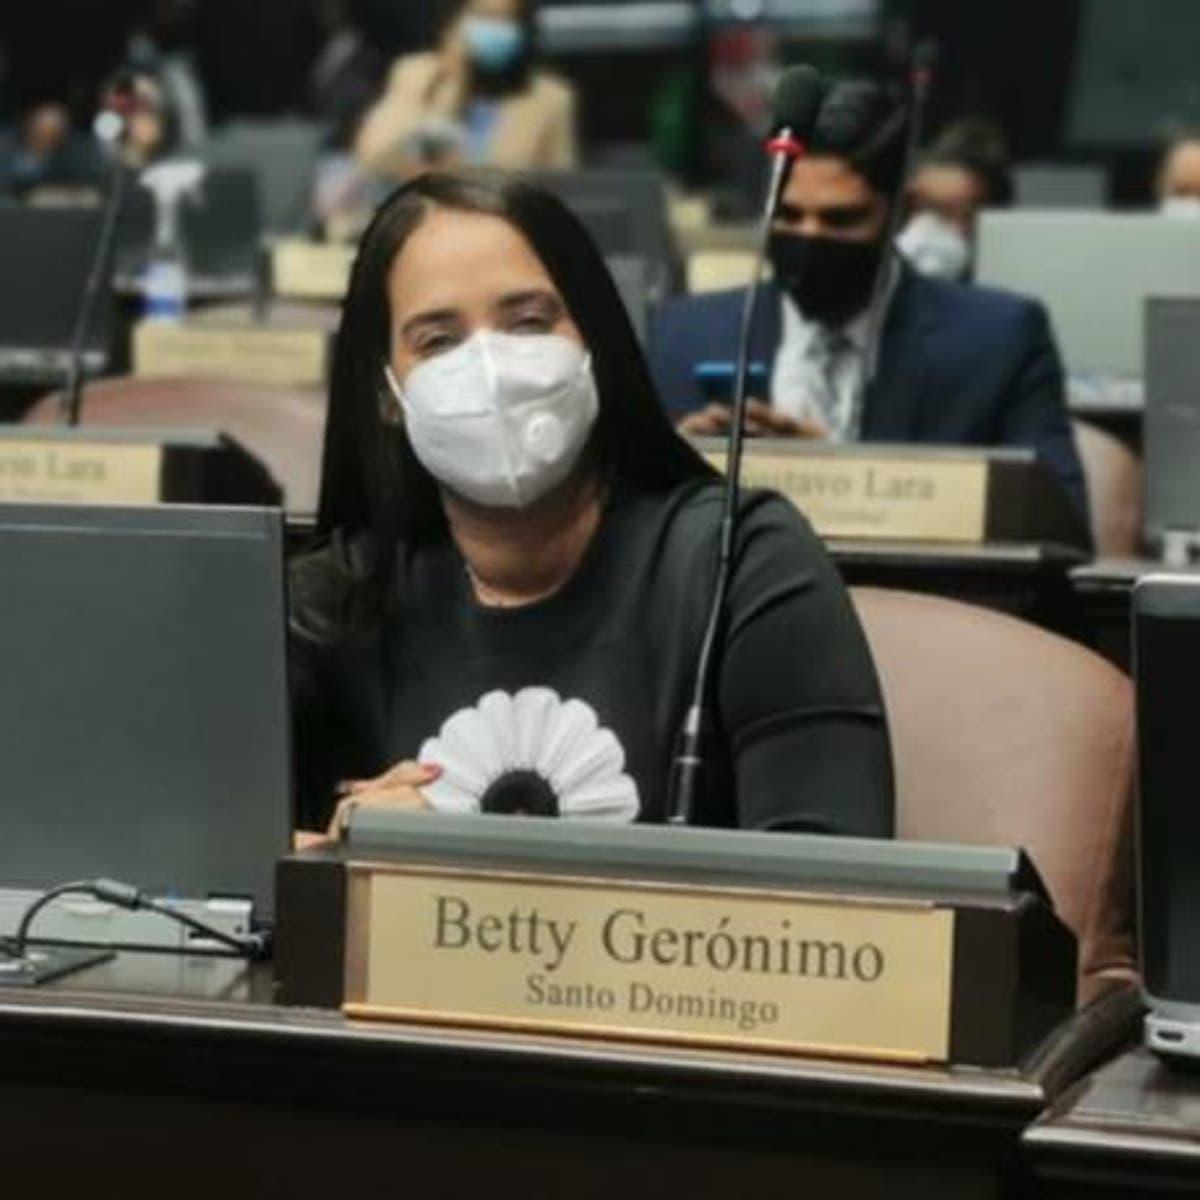 Betty Gerónimo aclaró que el Partido Revolucionario Moderno (PRM) no prometió legalizar el aborto, sino, que cada quien planteó sus posiciones.